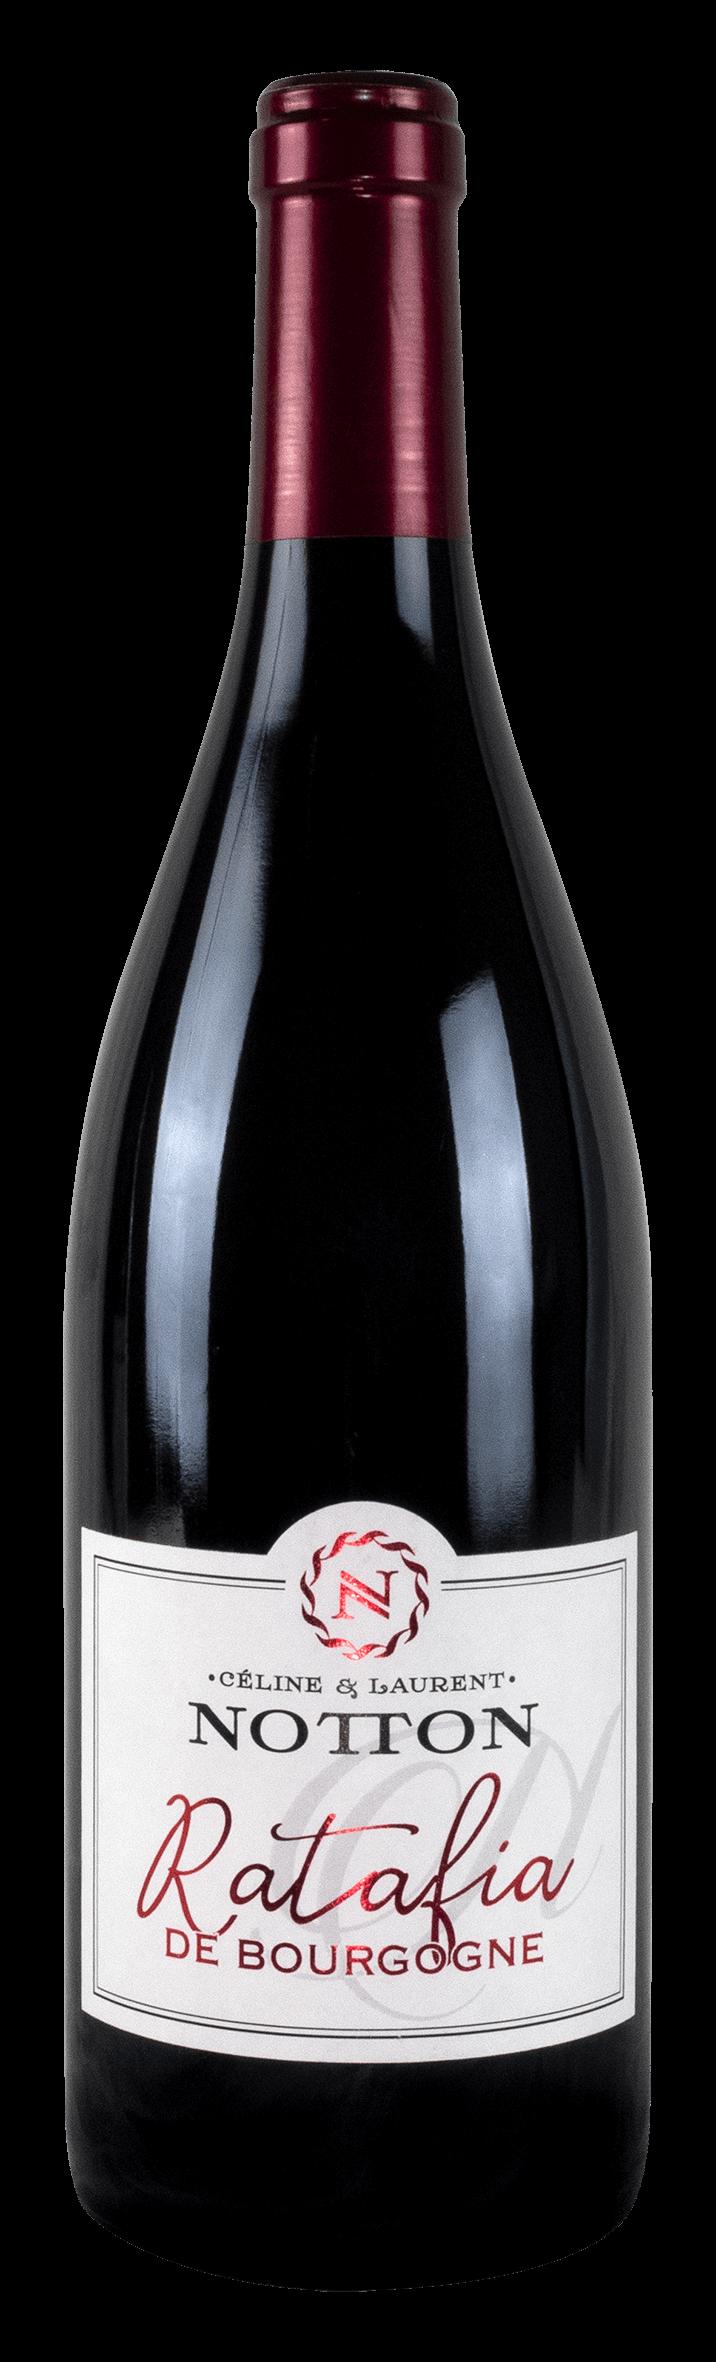 bouteille NOTTON Ratafia de Bourgogne